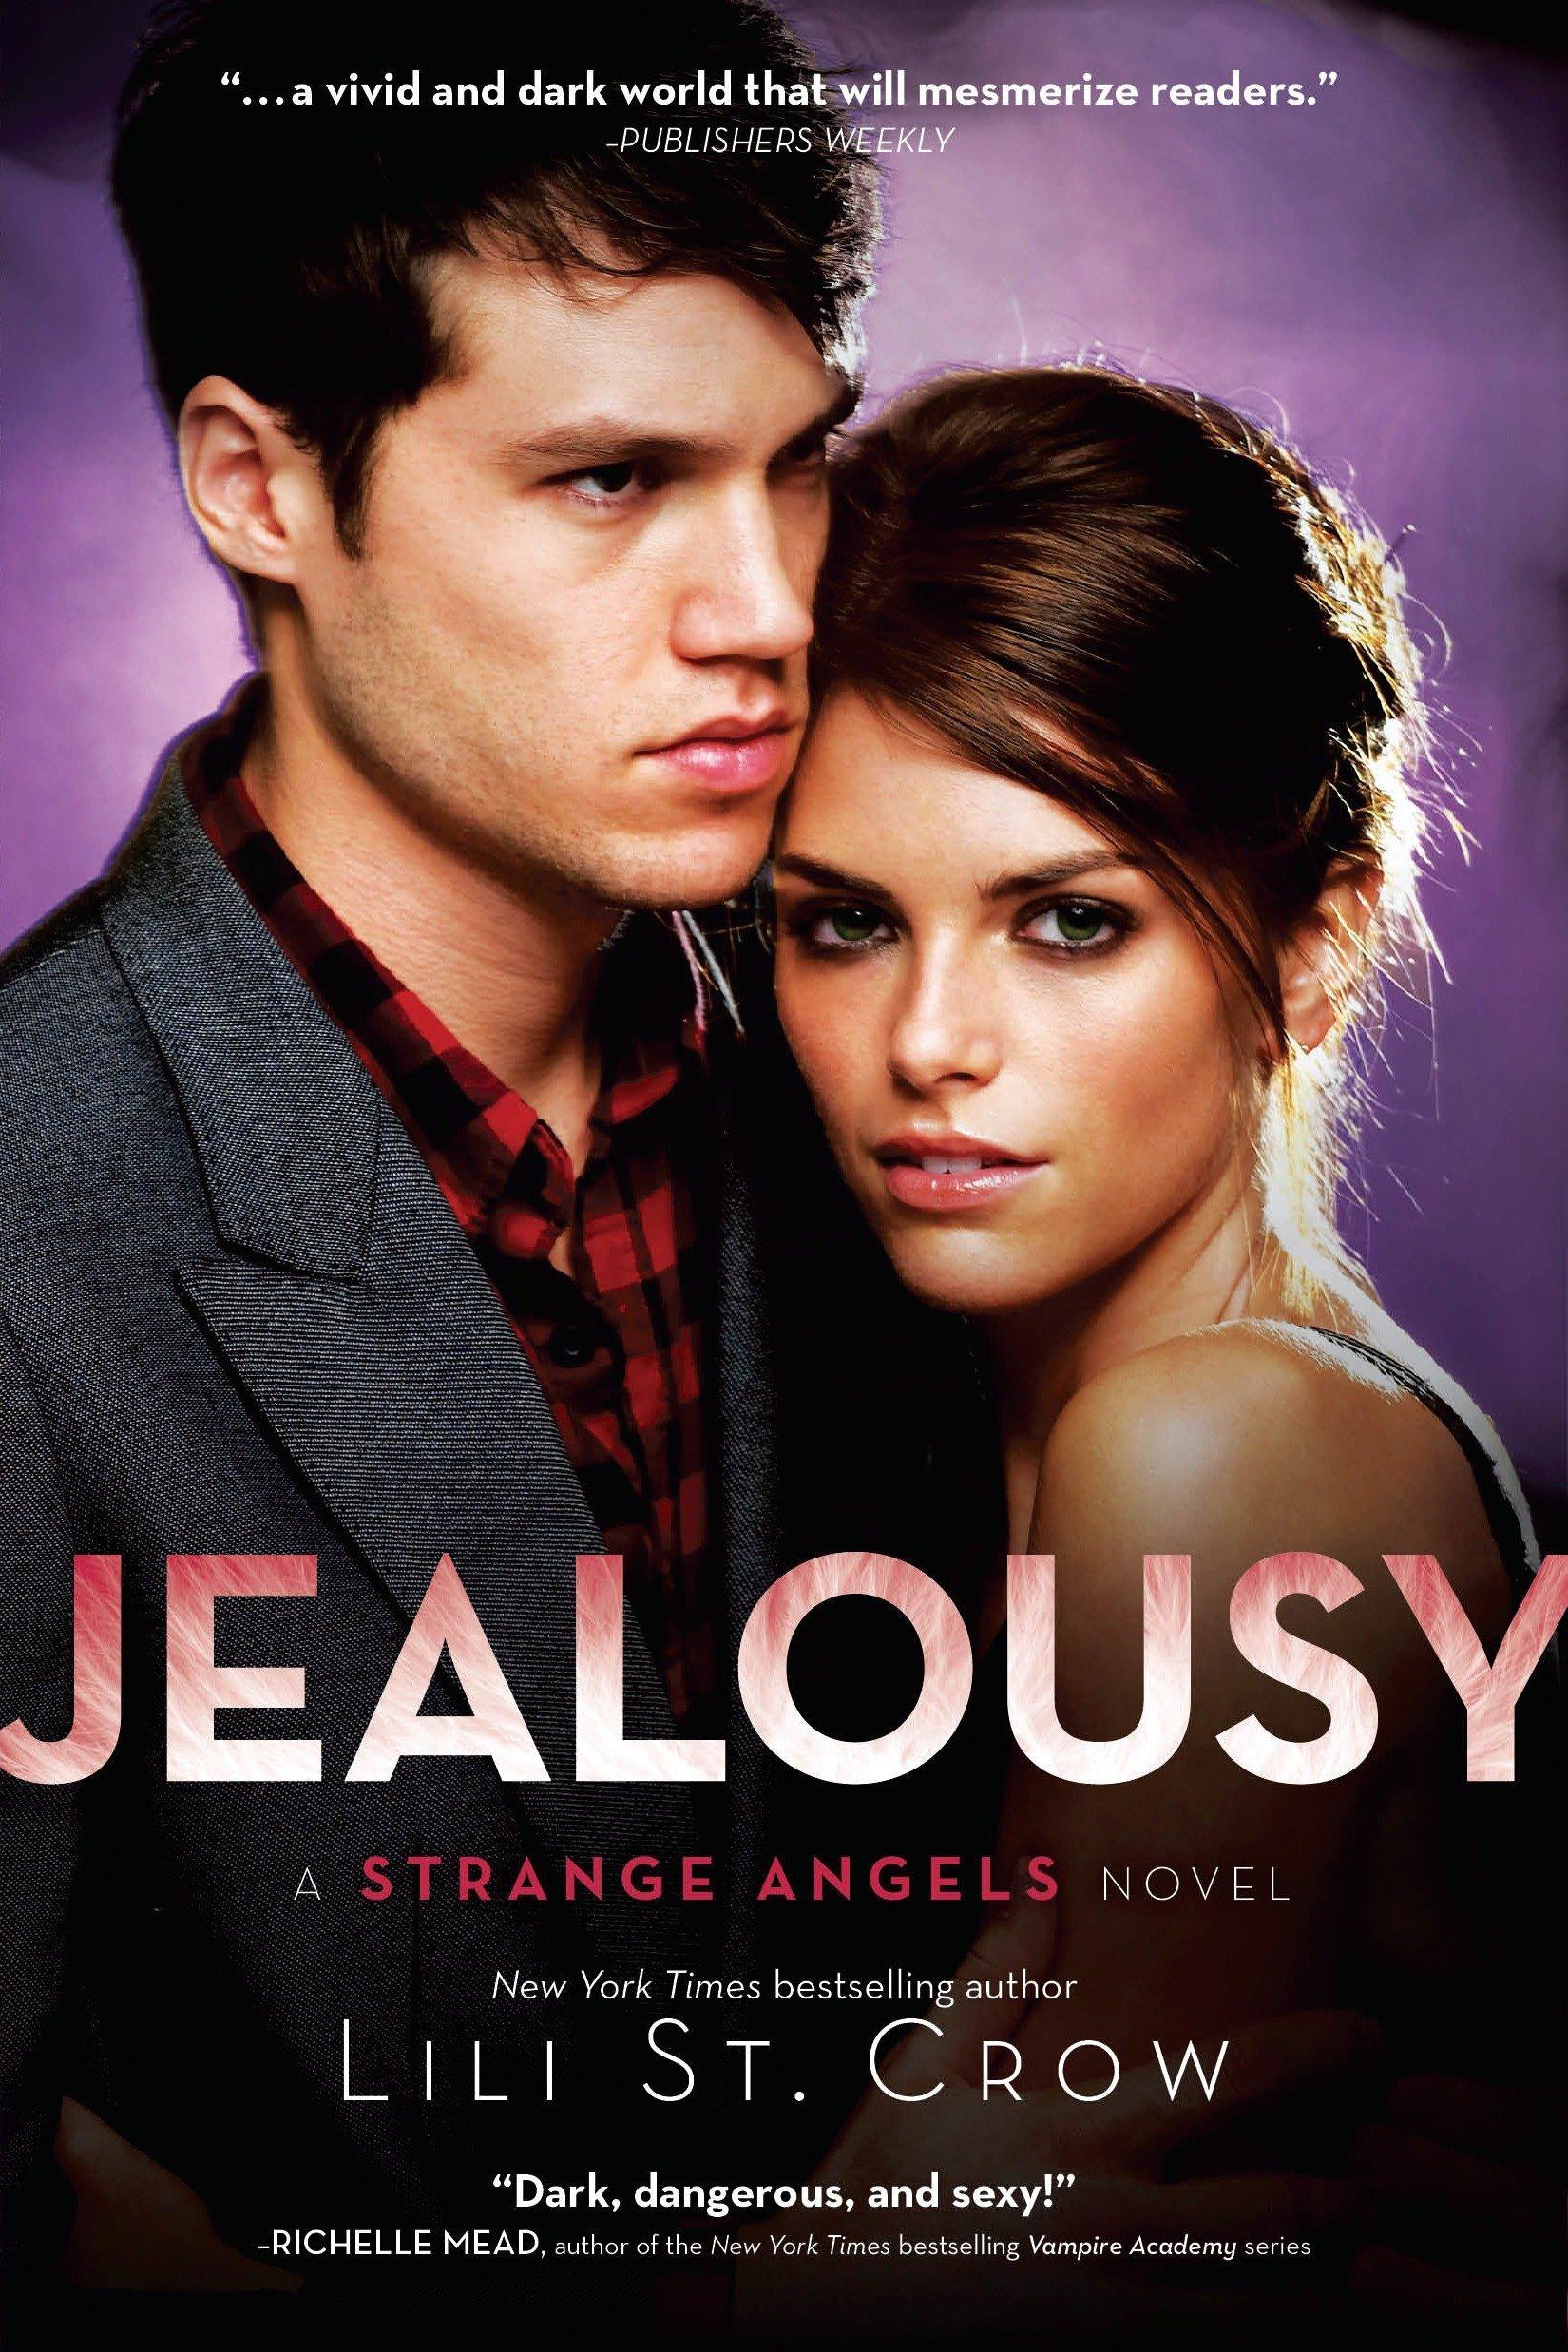 Jealousy: A Strange Angels Novel